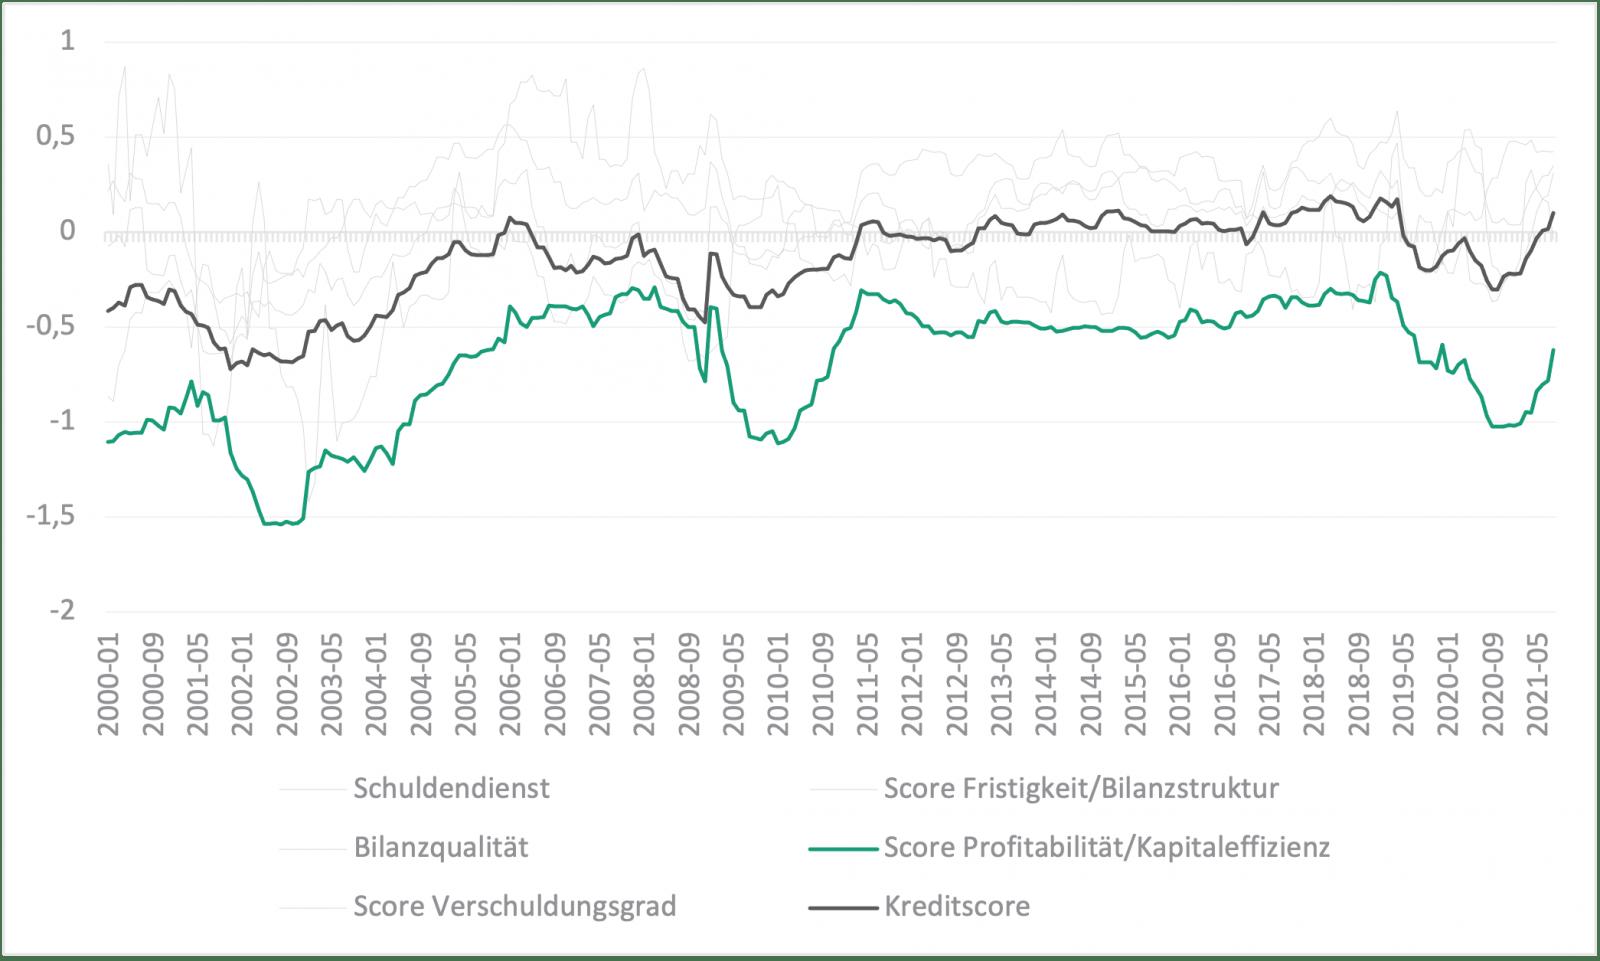 Profitabilität erholt sich – ist die Krise überwunden? HMT Aktien Fonds